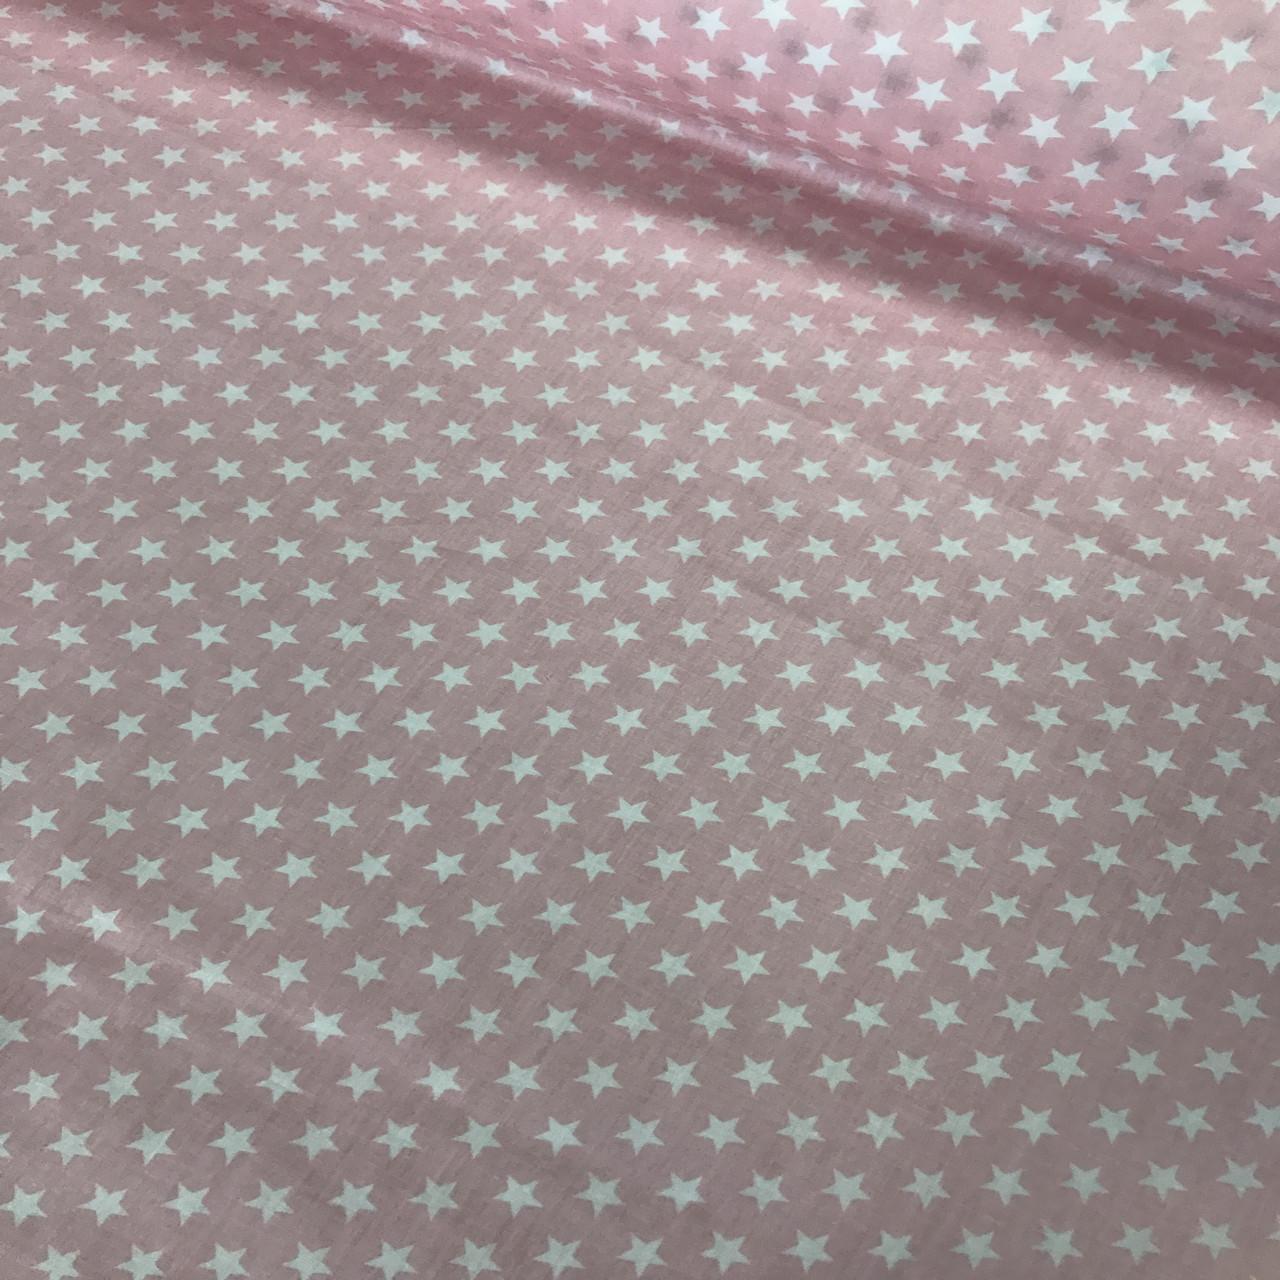 Хлопковая ткань САТИН звезды на розовом 7 мм (КОРЕЯ)